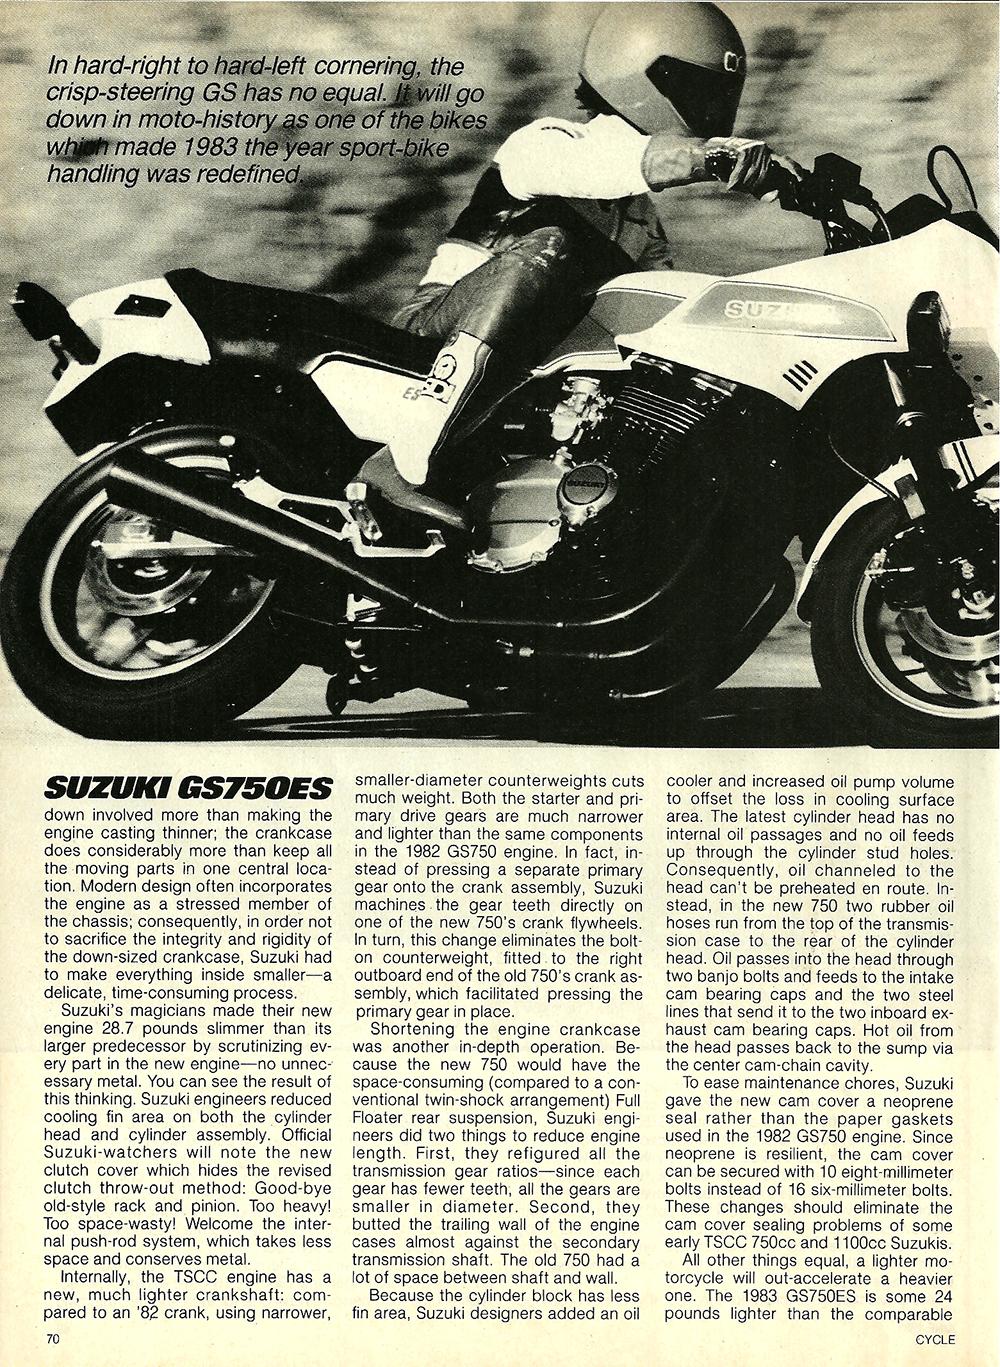 1983 Suzuki GS750ES road test 3.jpg